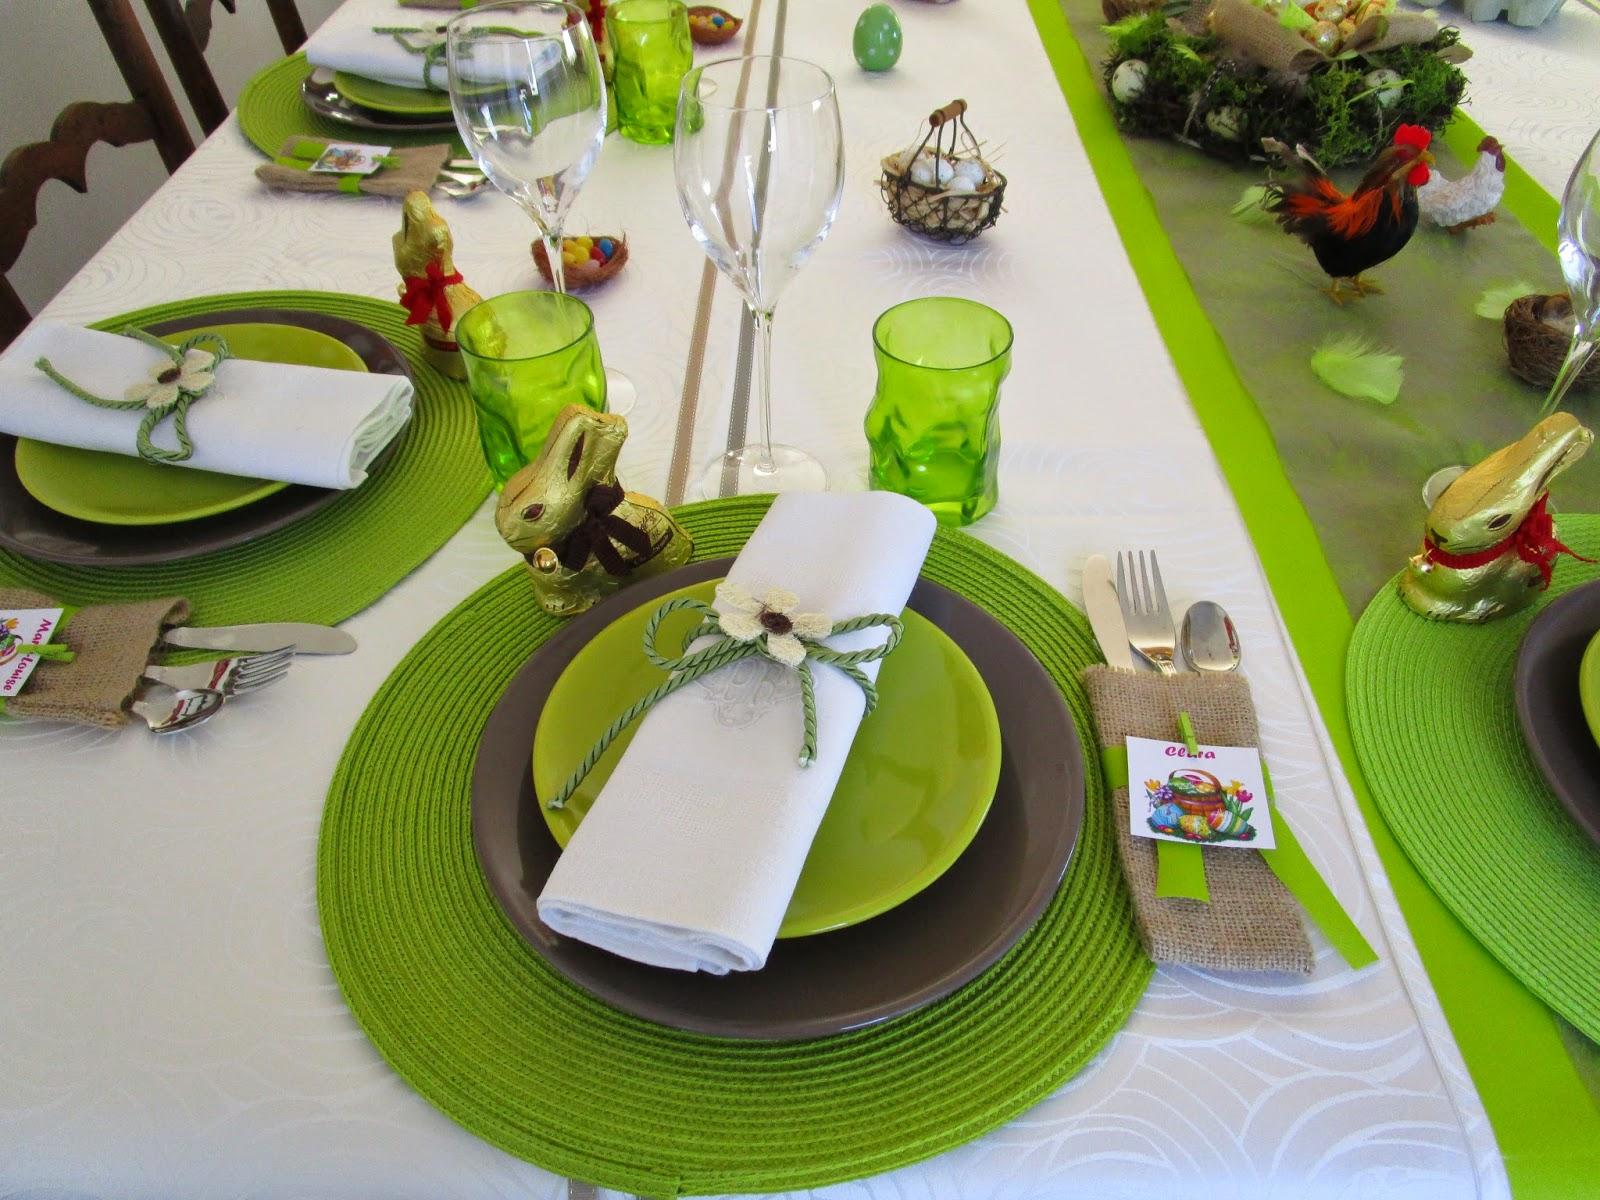 Une table pour les fêtes de Pâques, cette année, aux couleurs anis ...